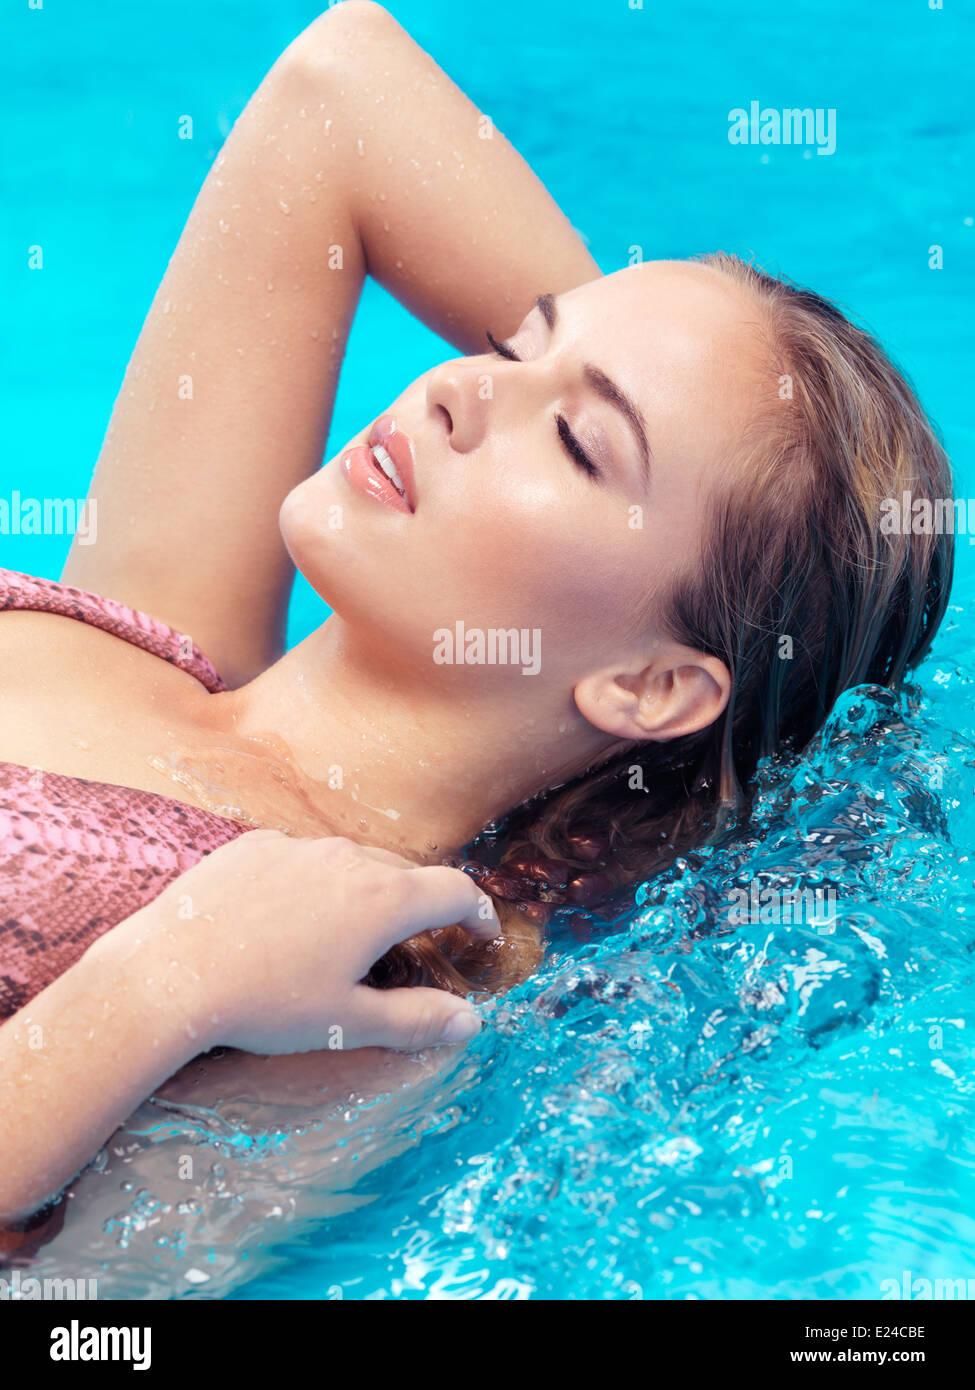 Gros plan du visage belle jeune femme aux yeux clos dans l'eau bleue Photo Stock